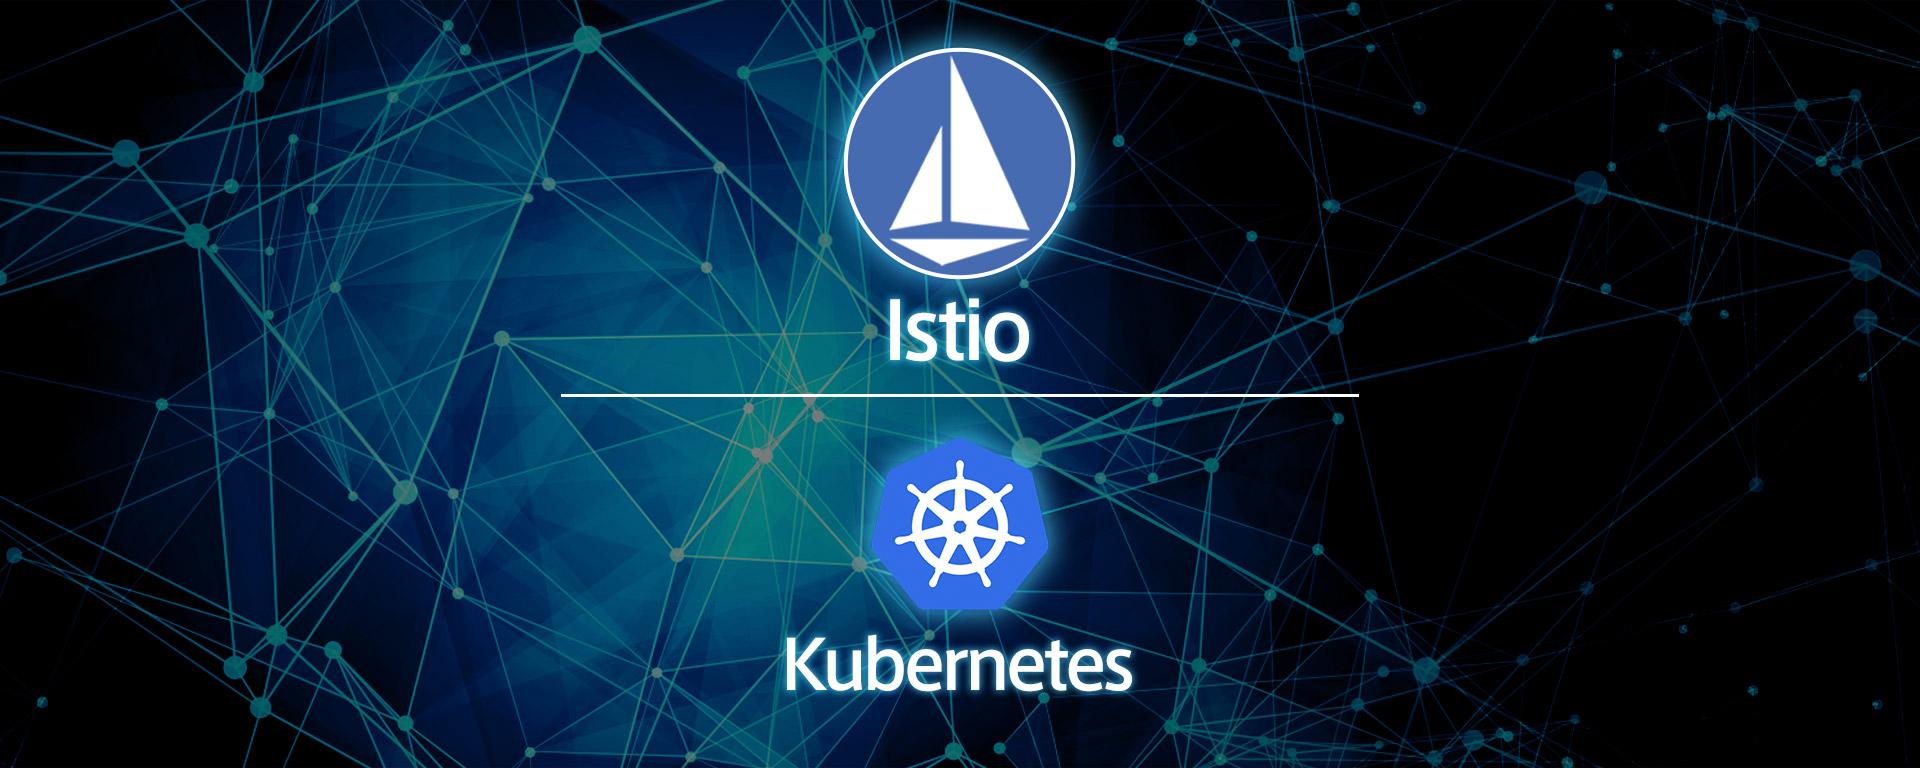 サービスメッシュを実現するIstioをEKS上で動かす - その6 Datadogと連携する